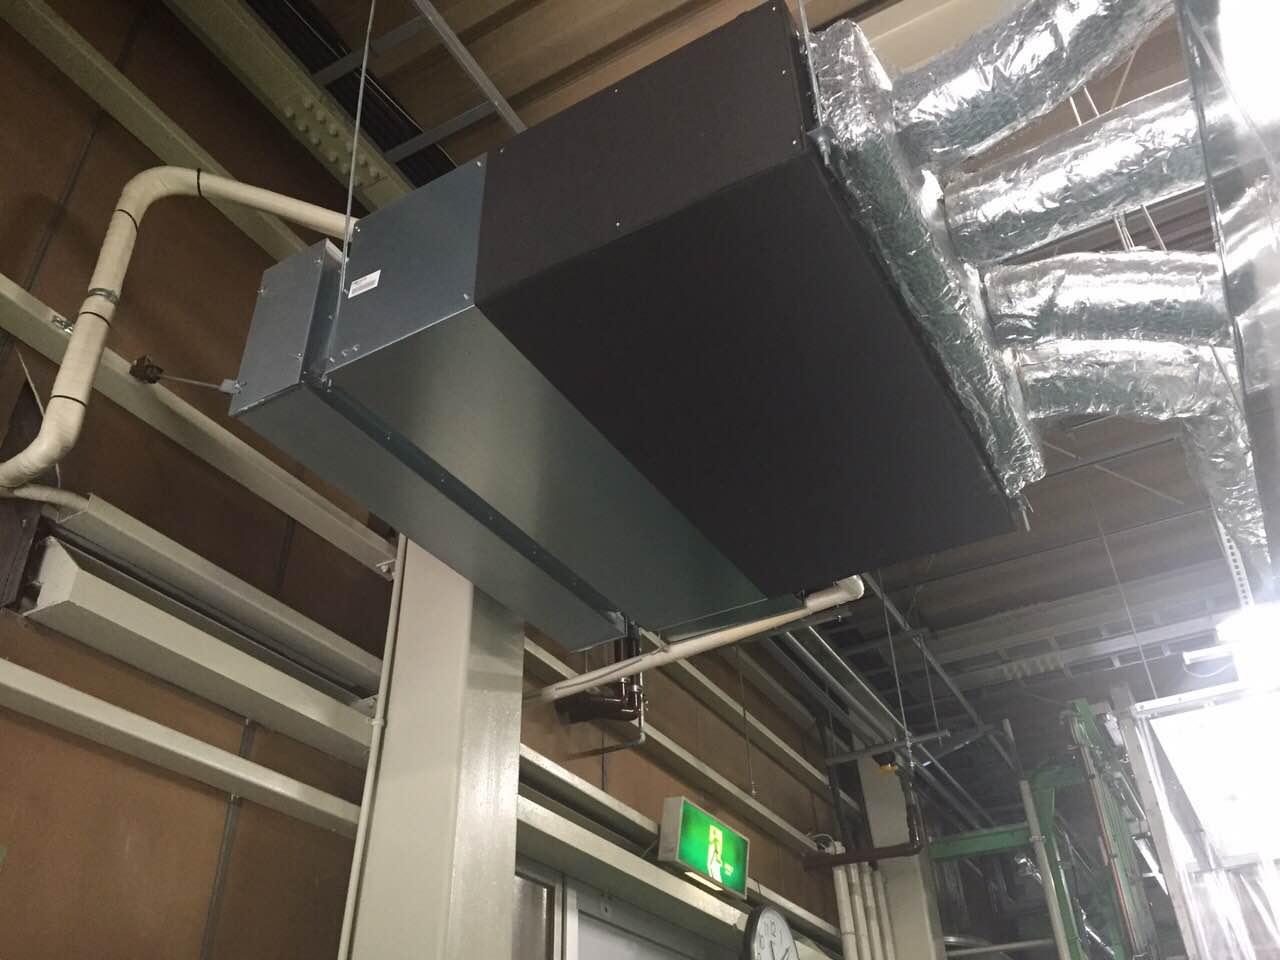 愛知県大府市 | 業務用エアコン工事 | 27年10月15日